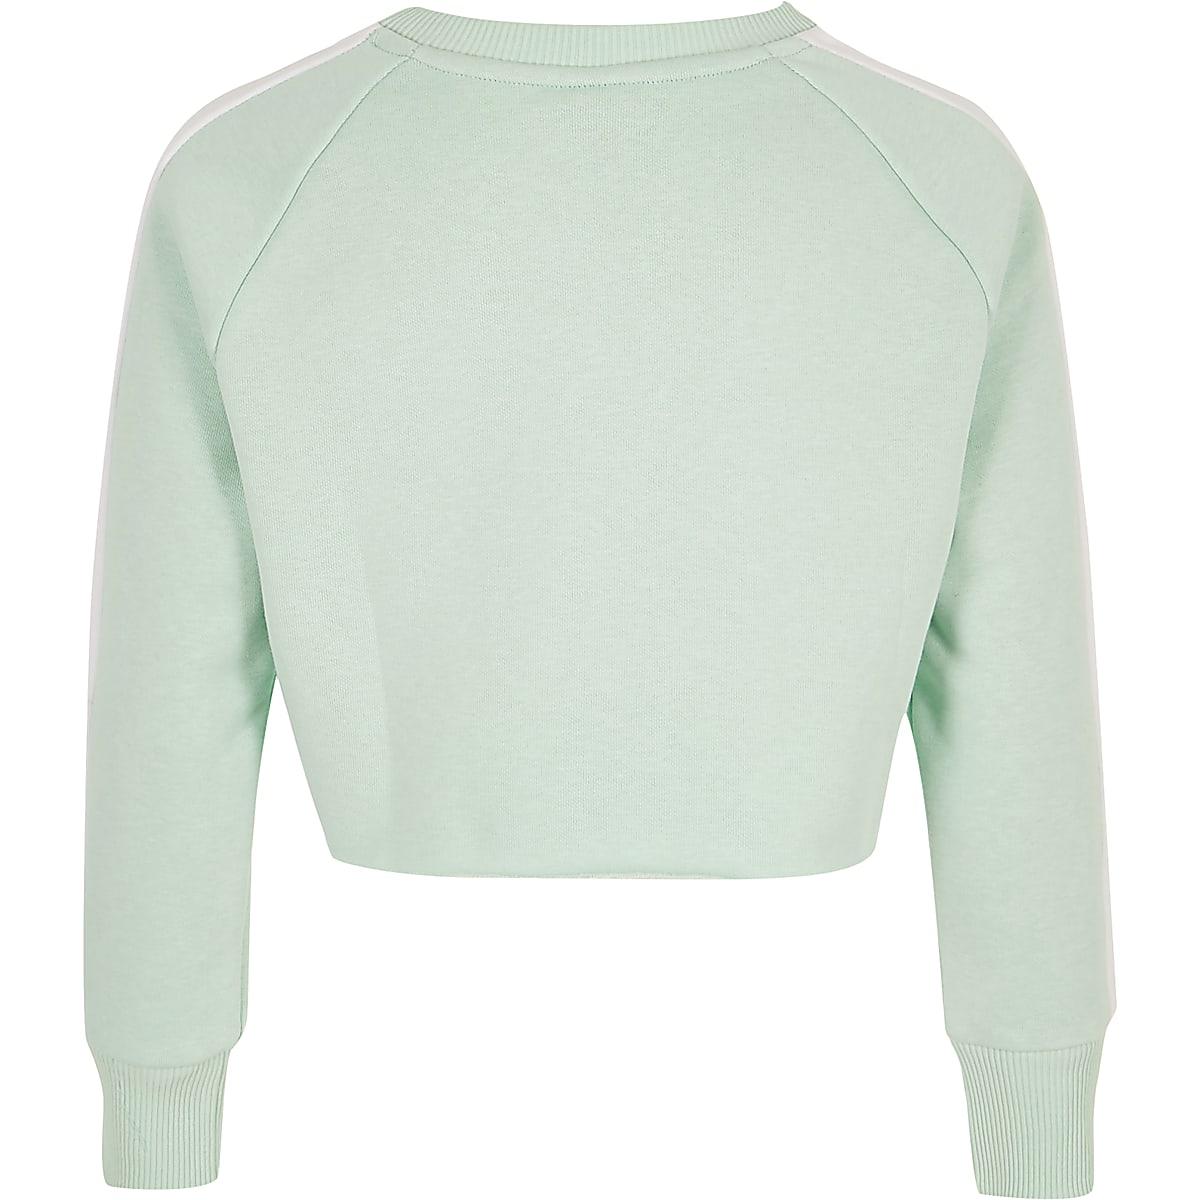 d140d476171 Girls green Hype logo crop sweatshirt - Hoodies / Sweatshirts - Tops ...